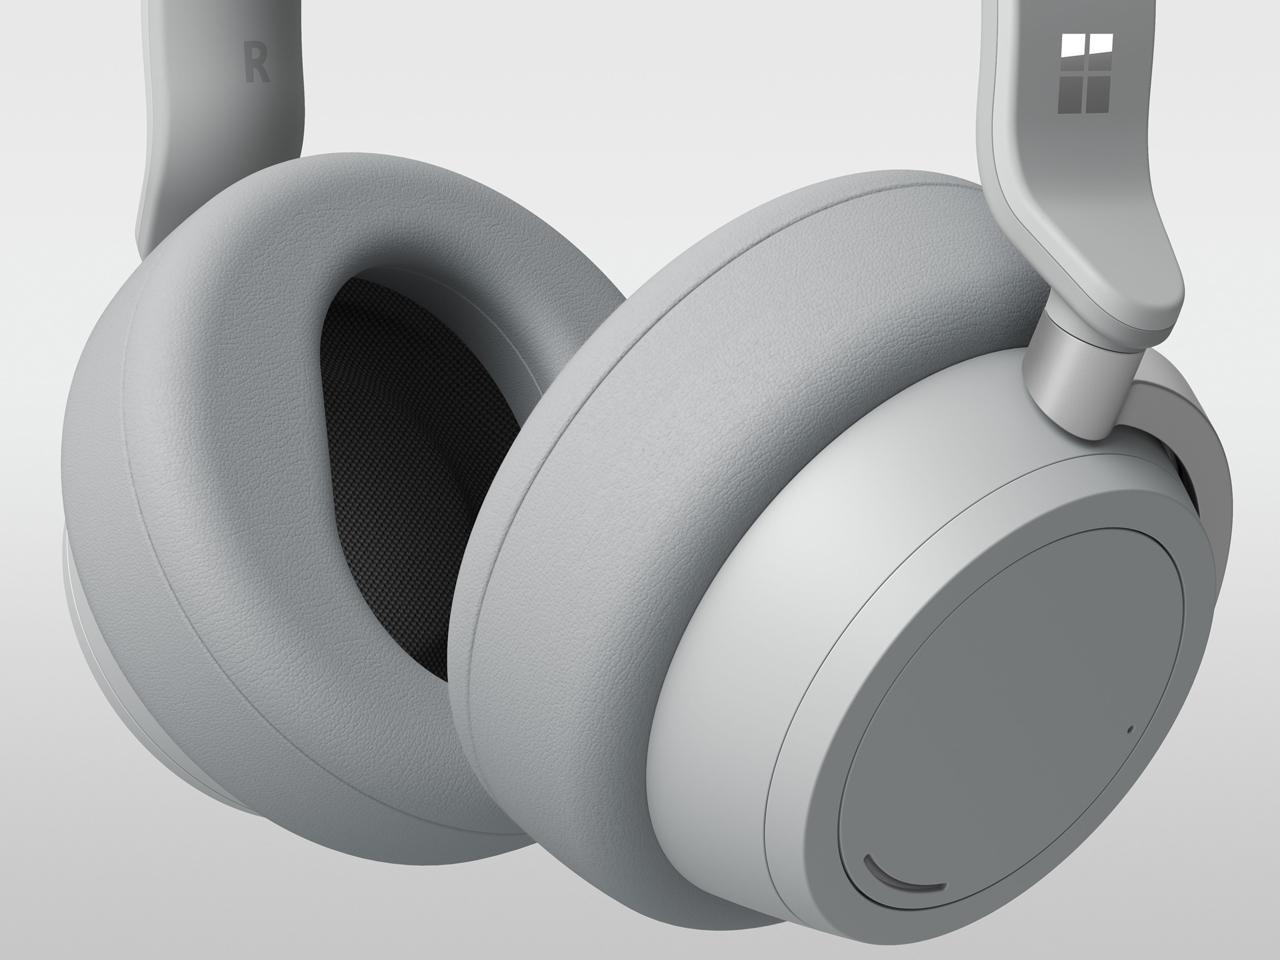 『本体 部分アップ1』 Surface Headphones GUW-00007 の製品画像